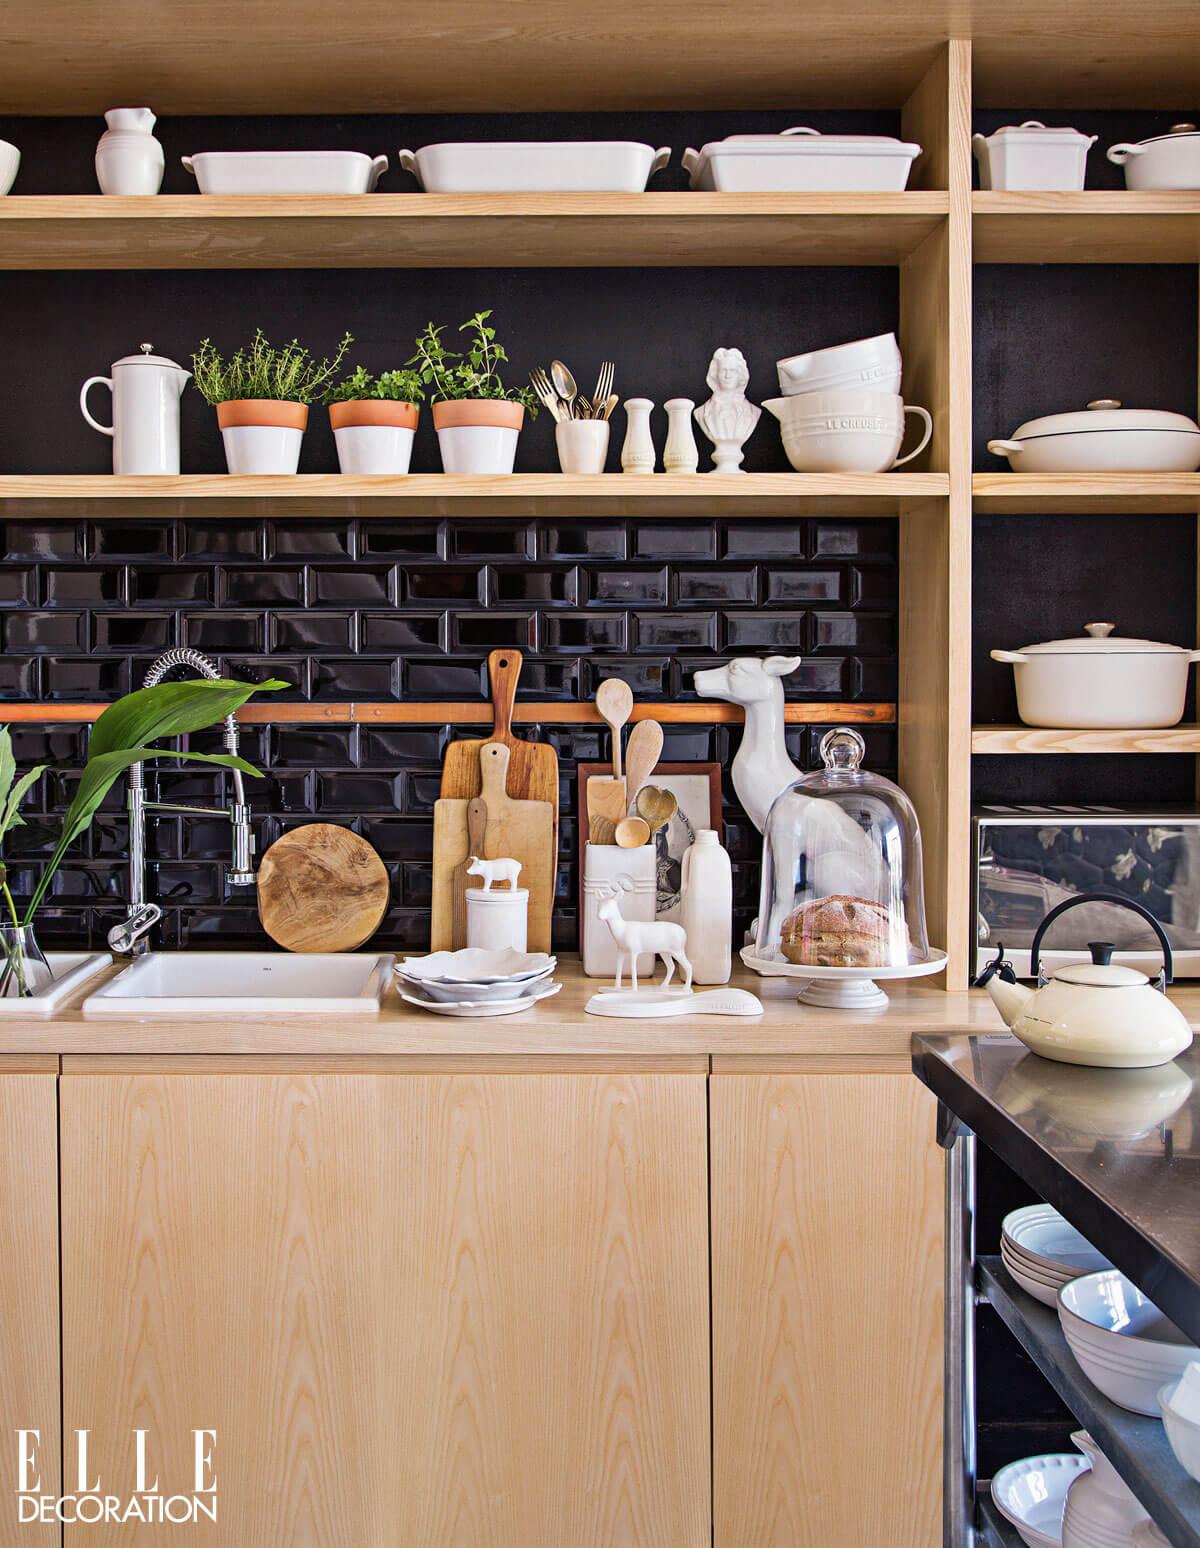 Monochrome-3-Kitchen-Le-Creuset-Elle-Decor-Feature (1)